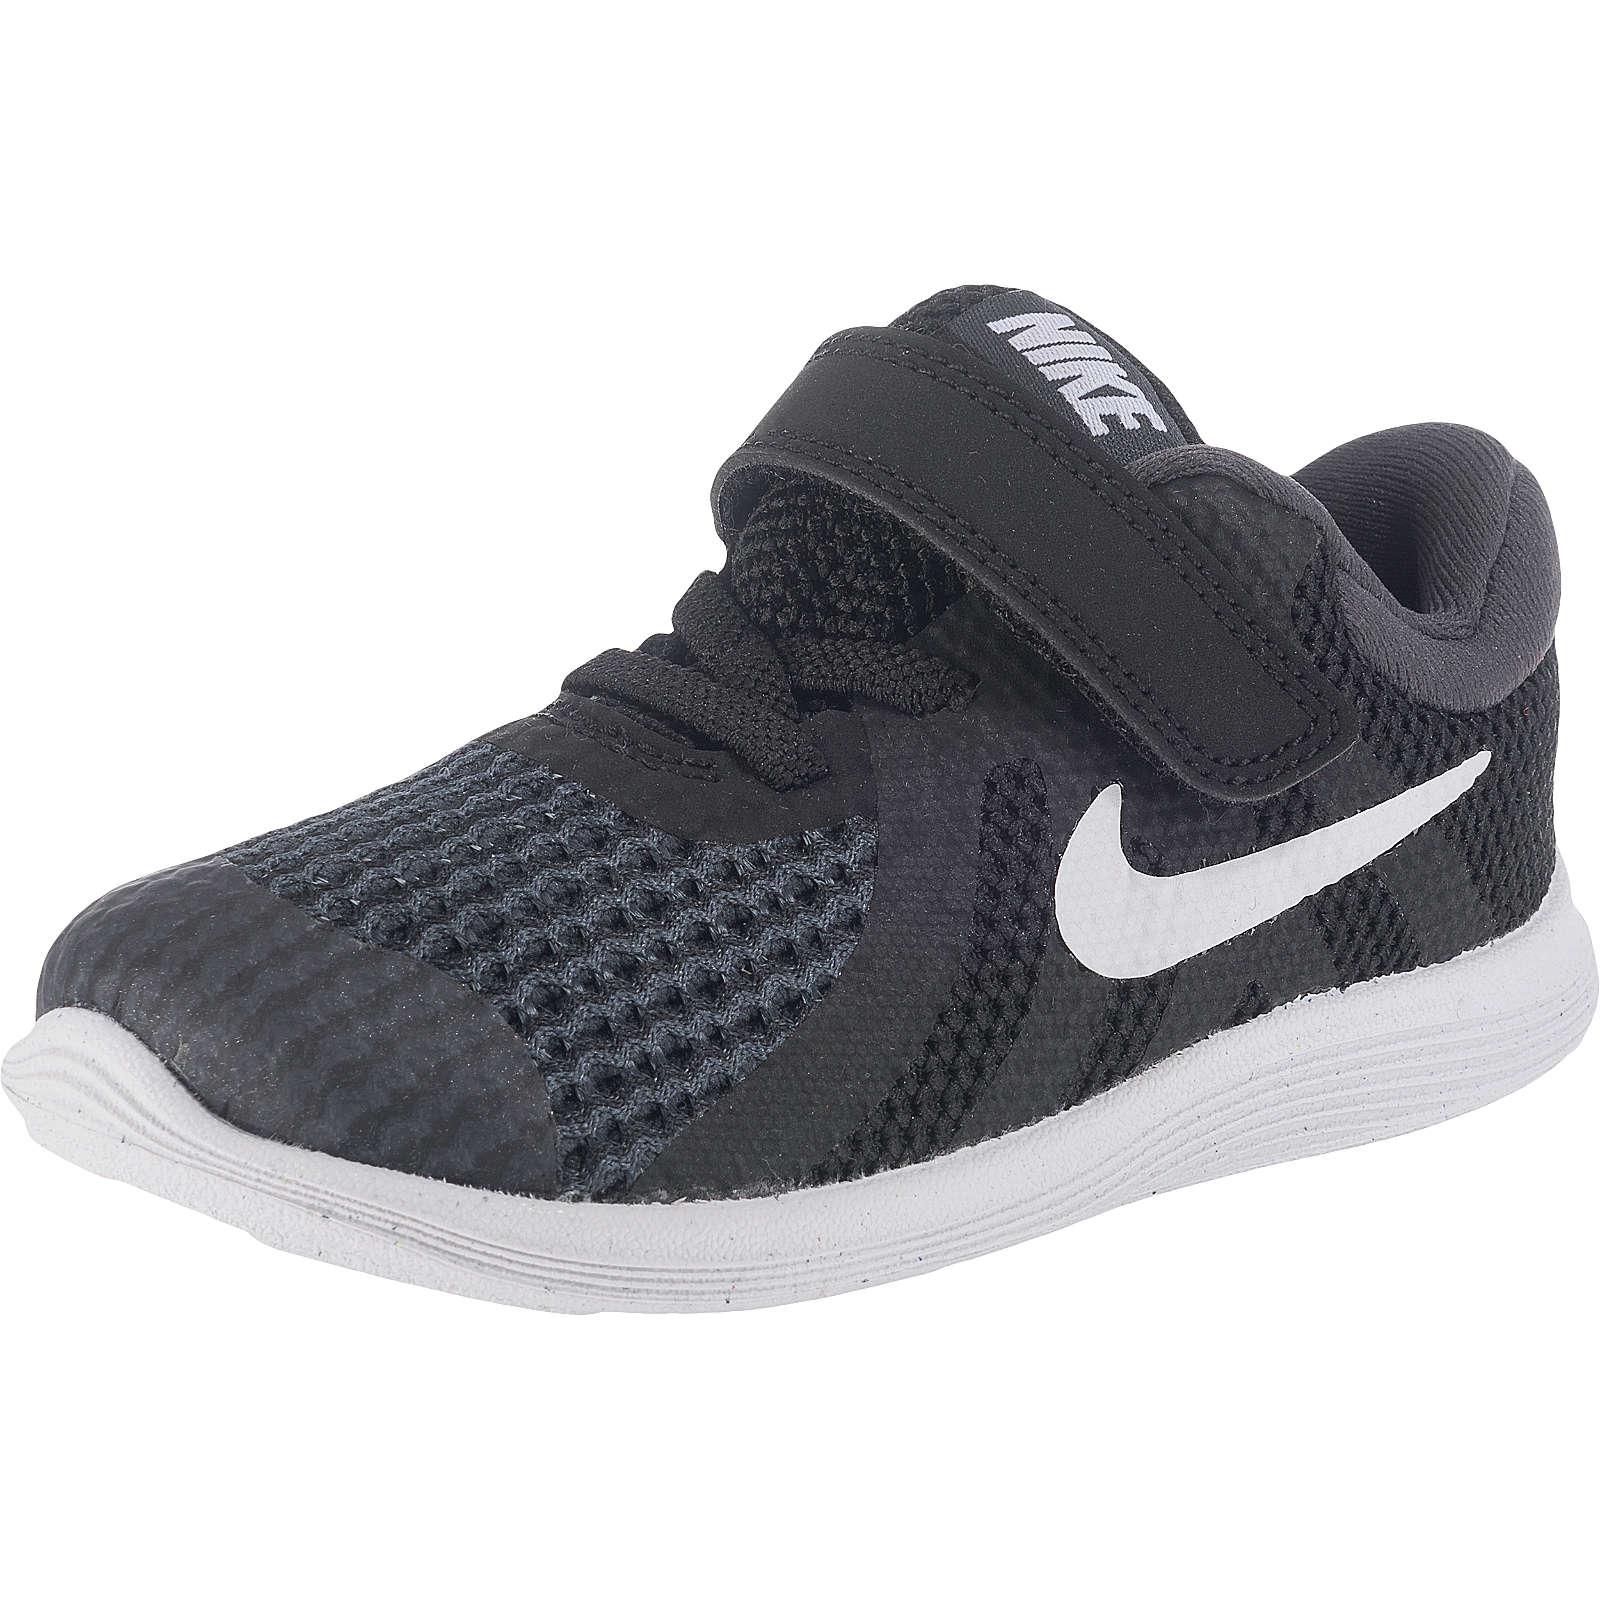 NIKE Baby Sportschuhe REVOLUTION schwarz Junge Gr. 23,5 bei Mirapodo - Neue Styles